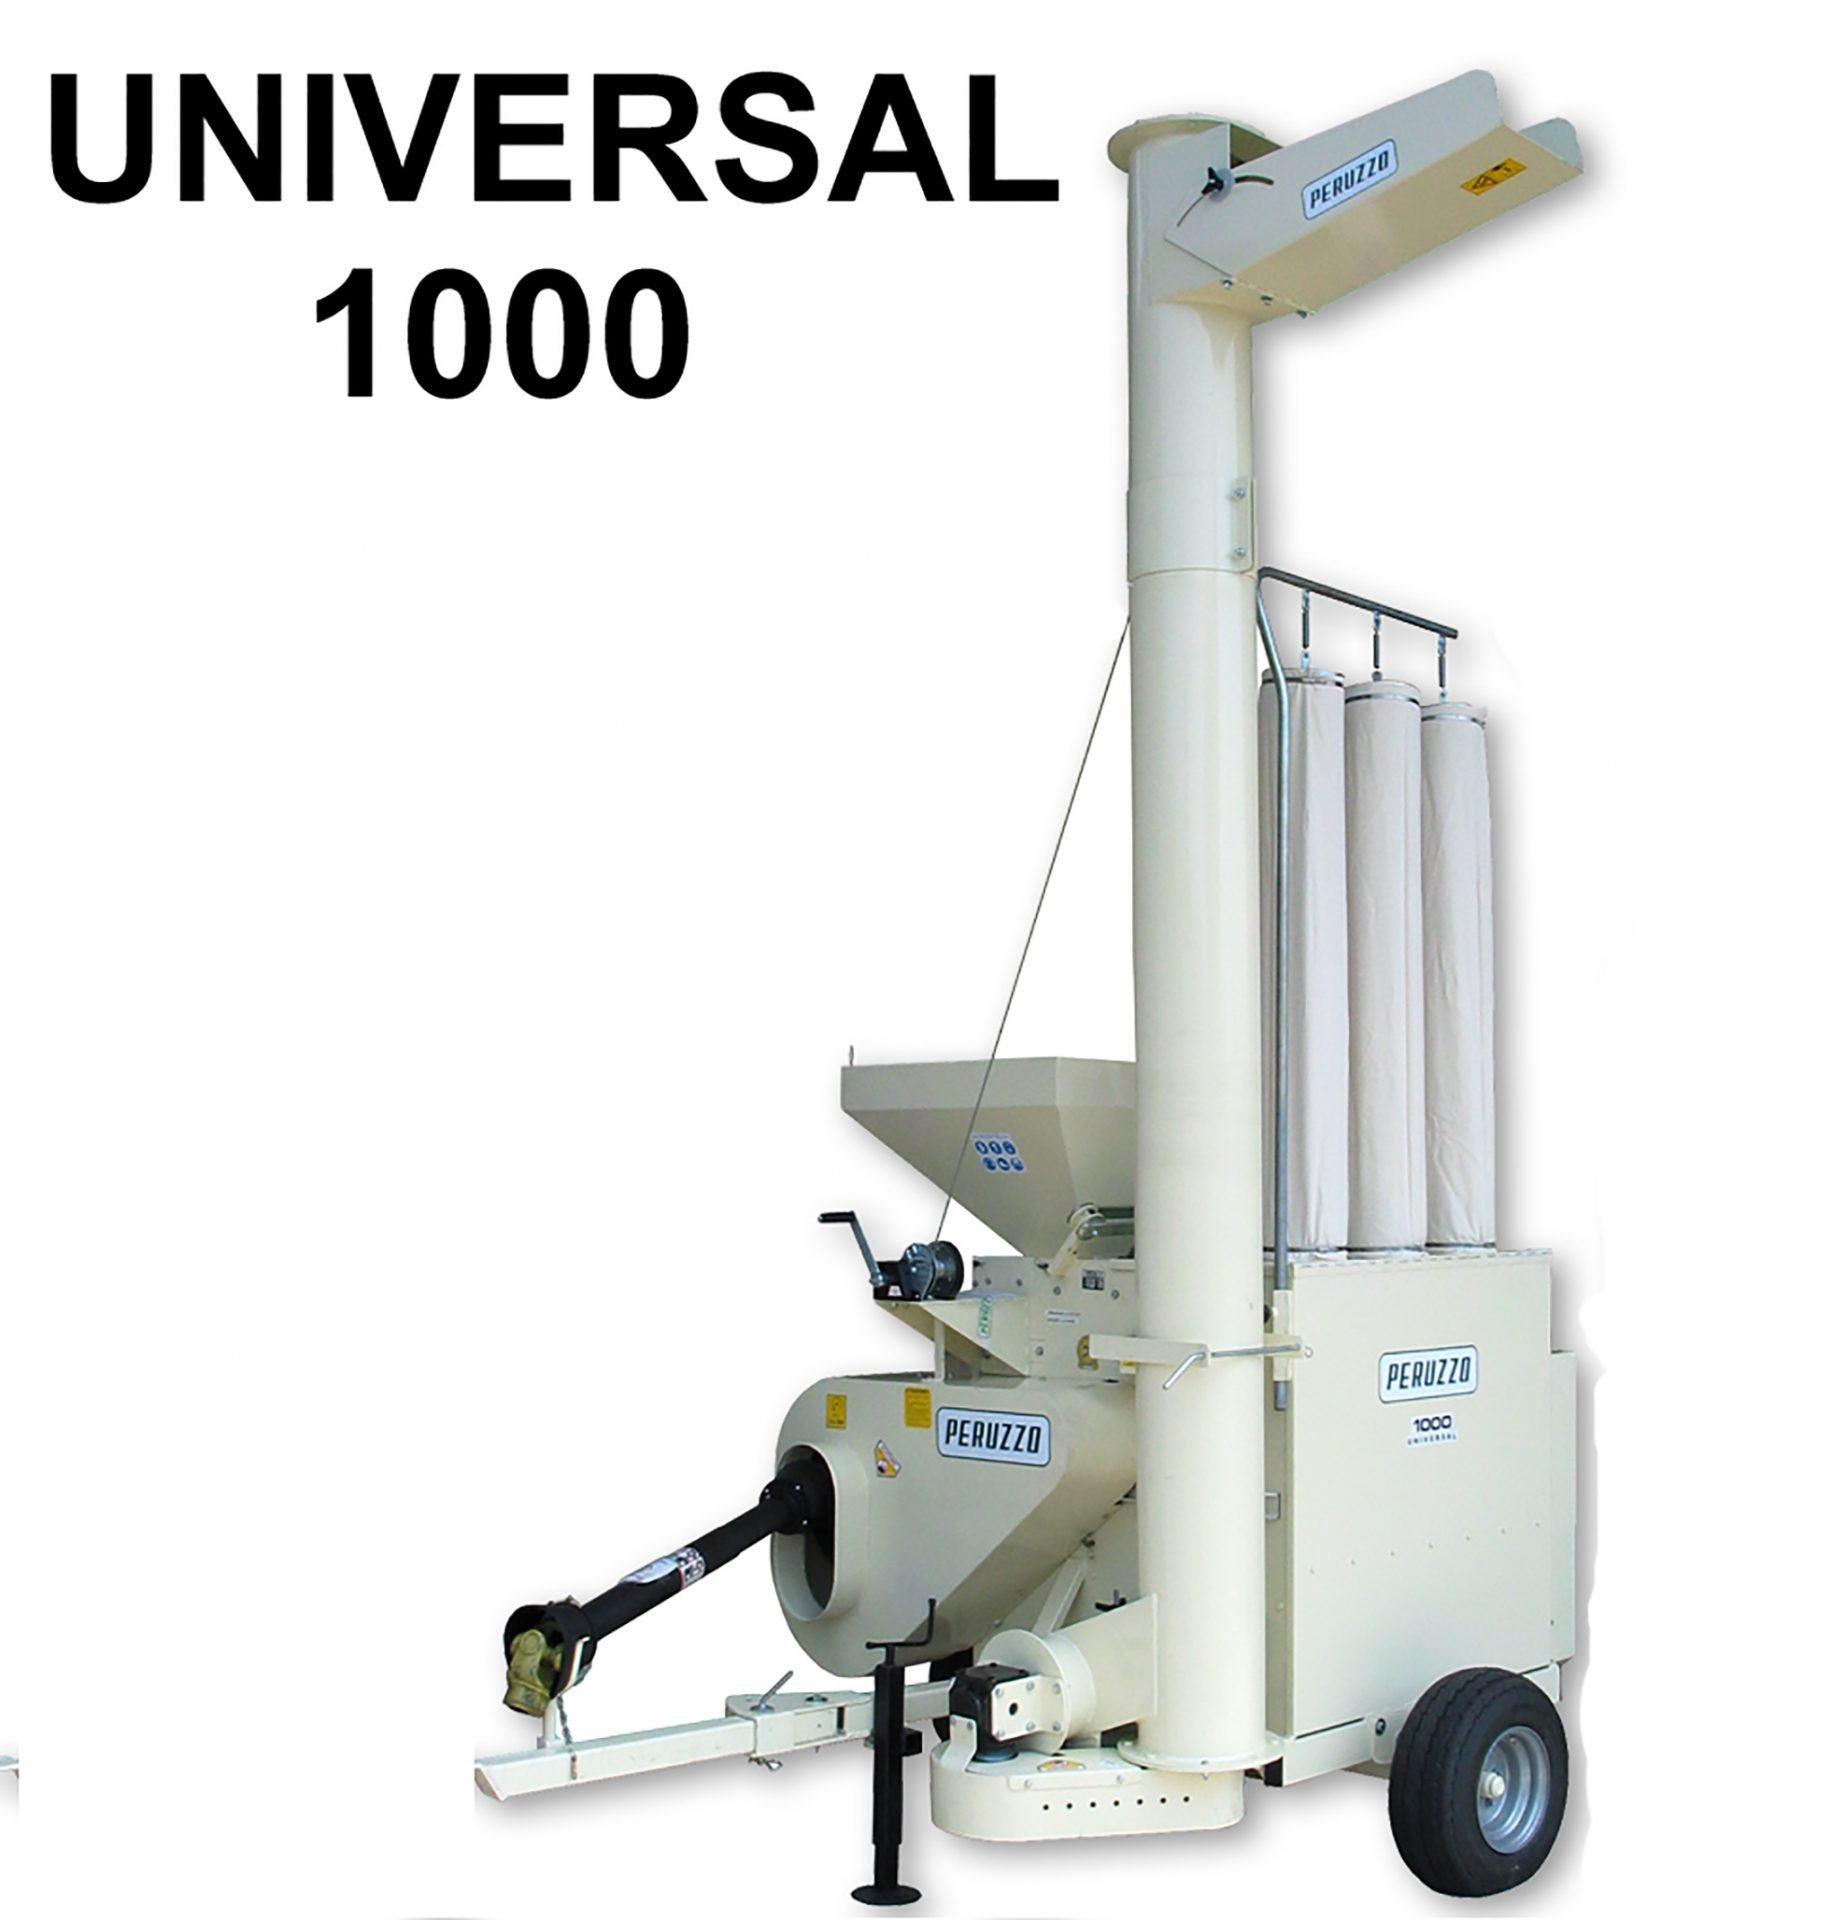 , Molino de martillo 1000 UNIVERSAL, Peruzzo